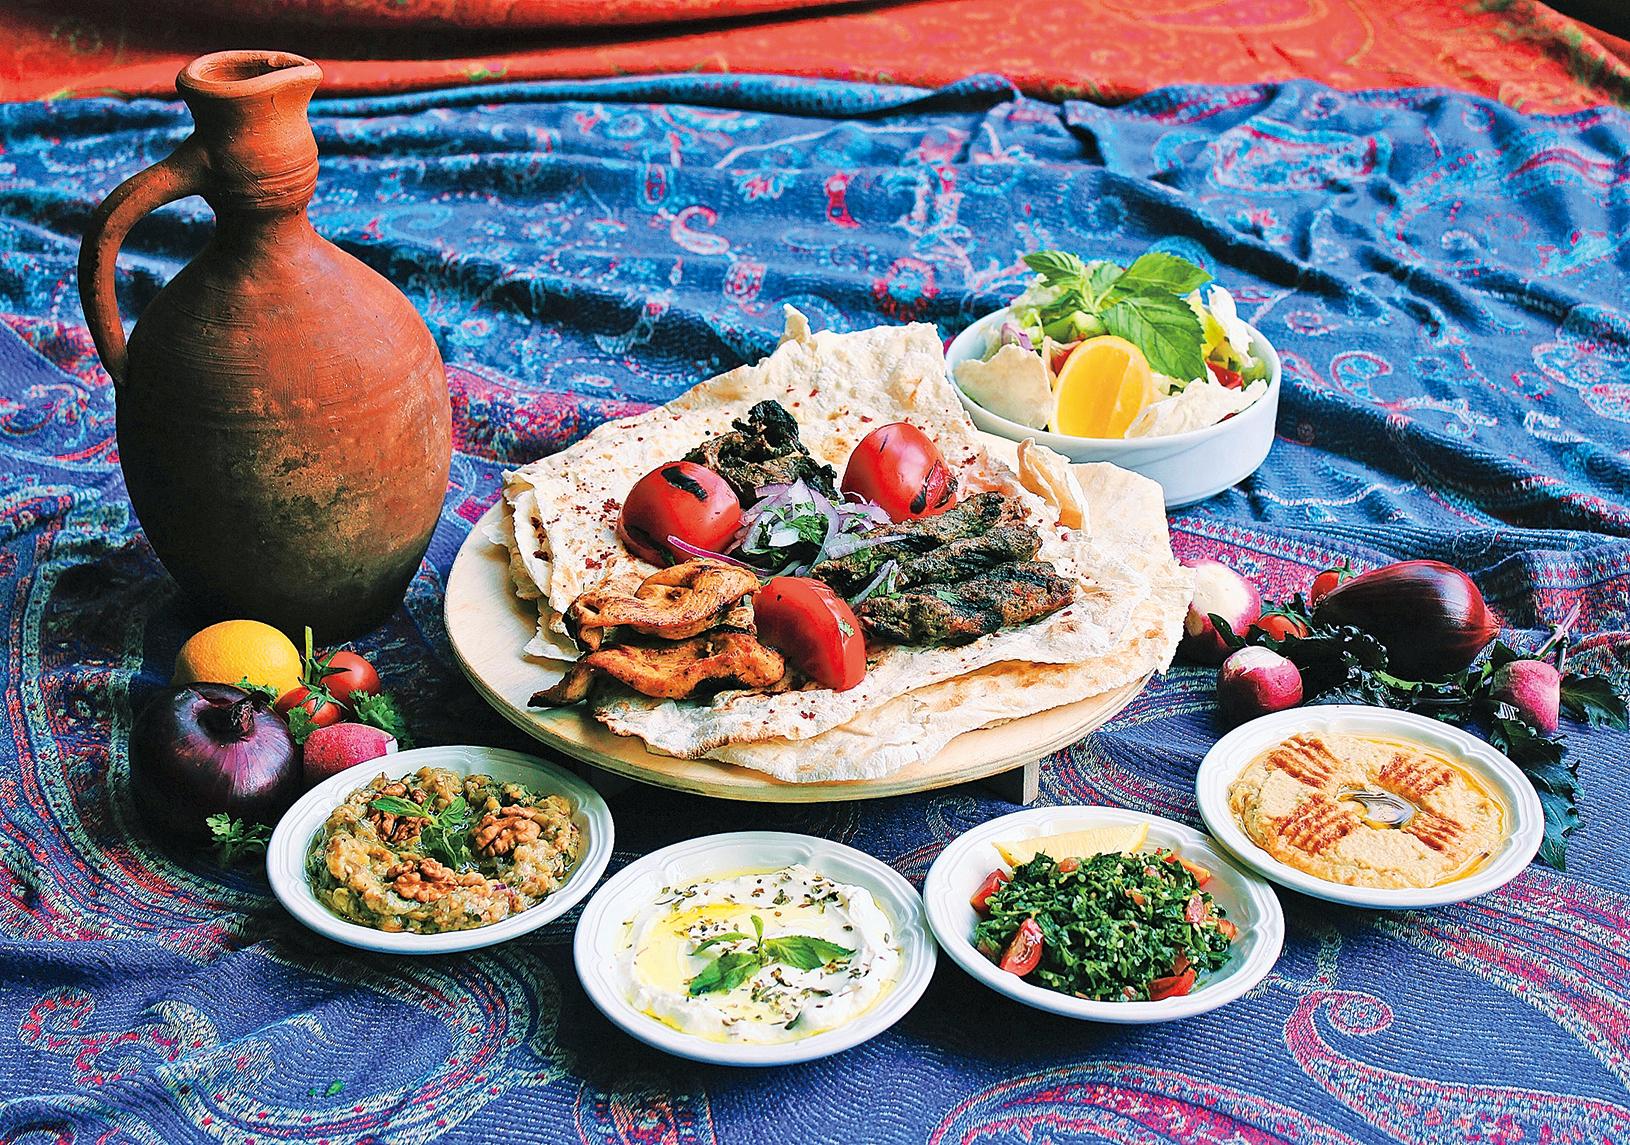 透過飲食了解中東文化,是個不錯的方法。